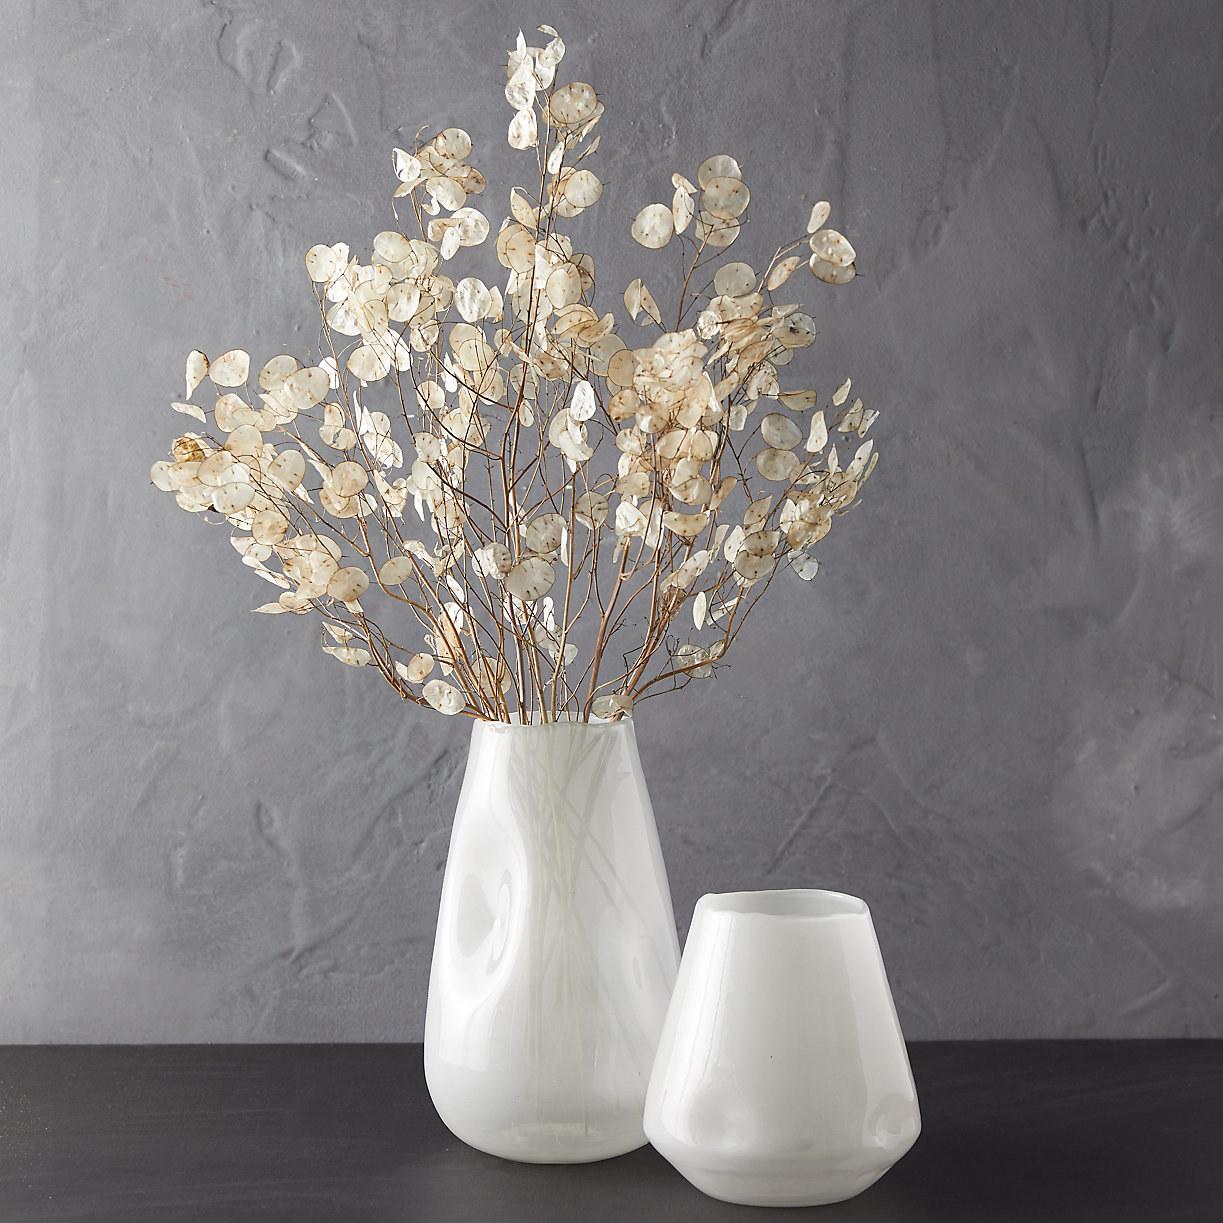 the vase in white